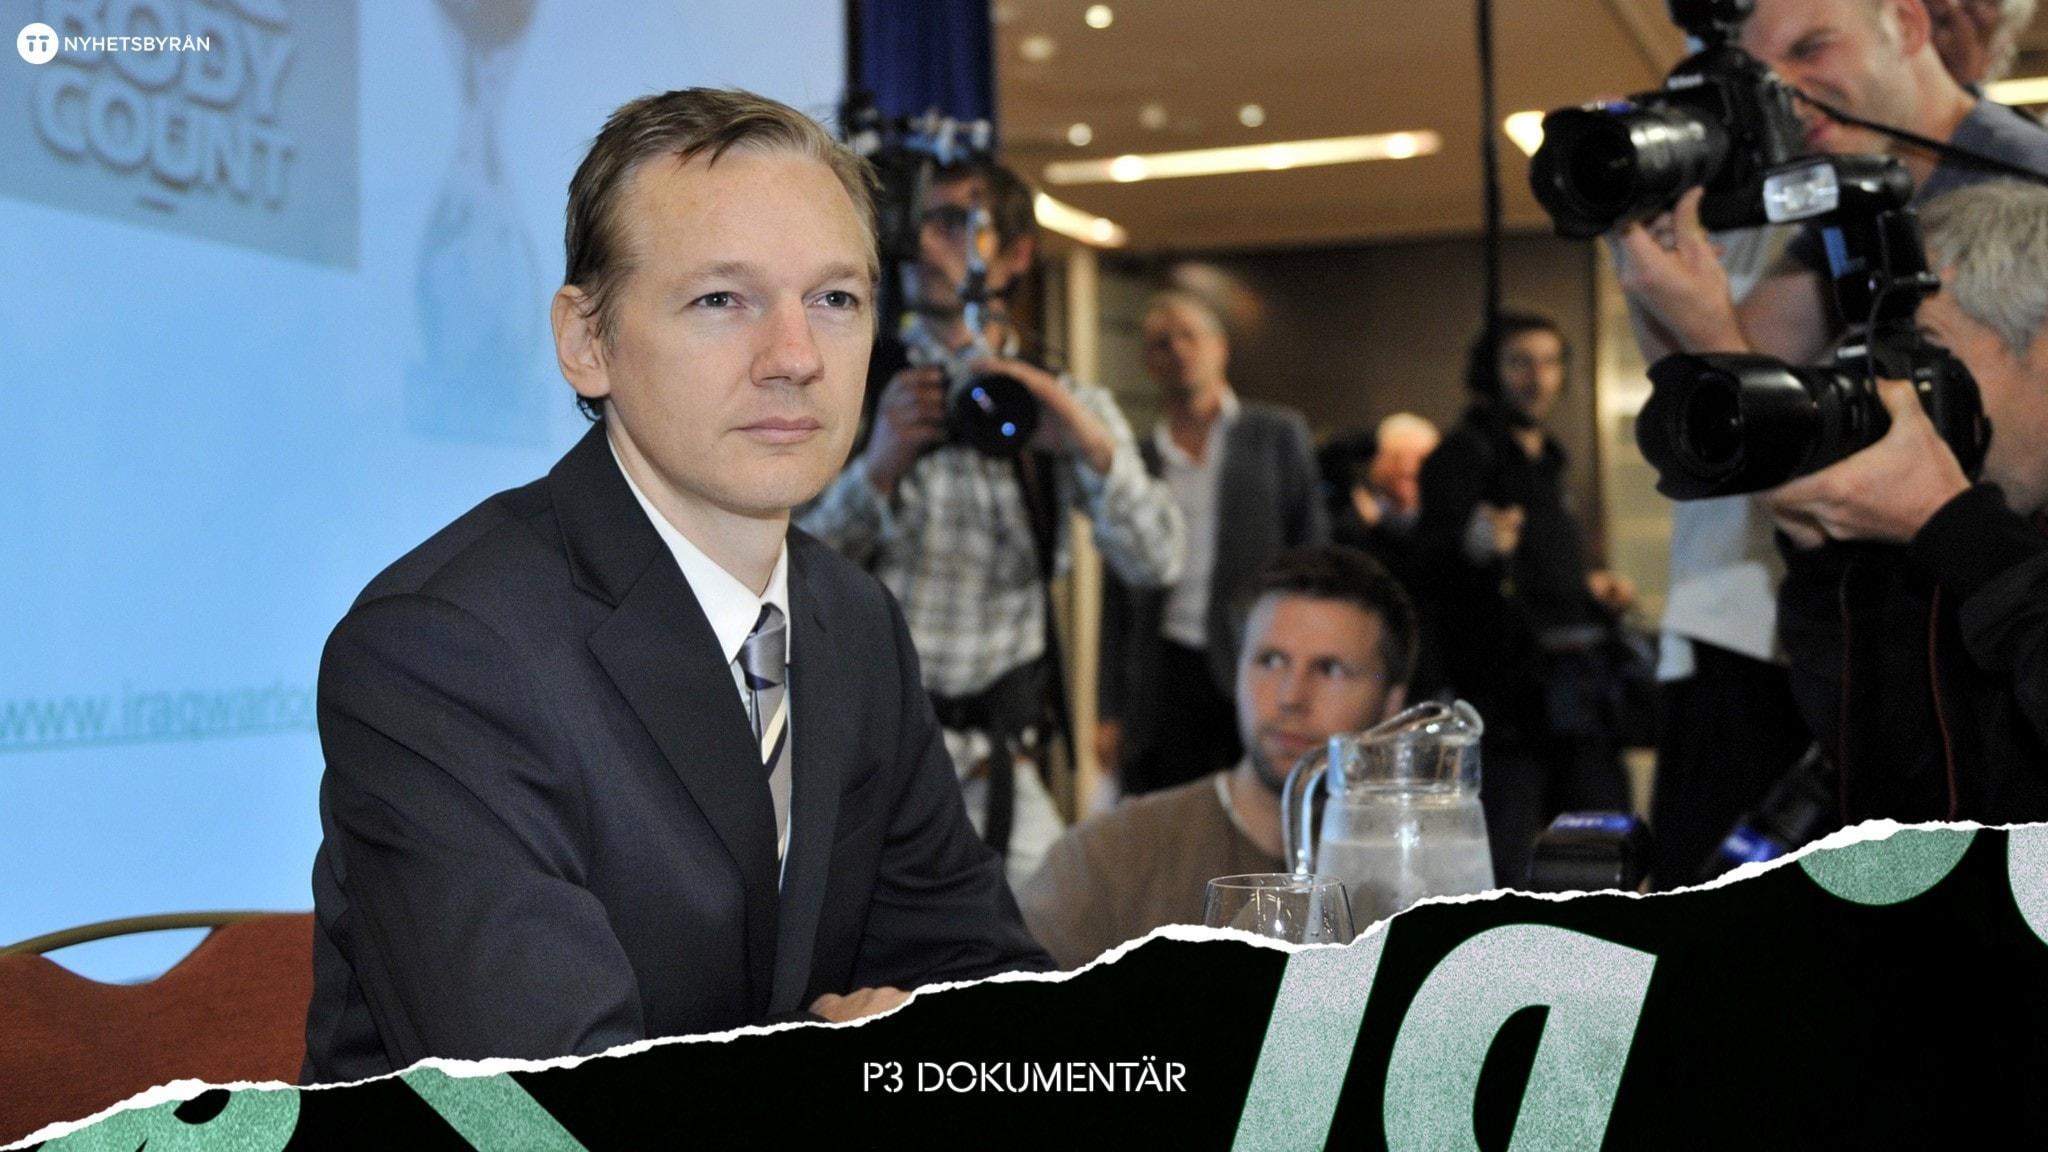 Julian Assange på en presskonferens.